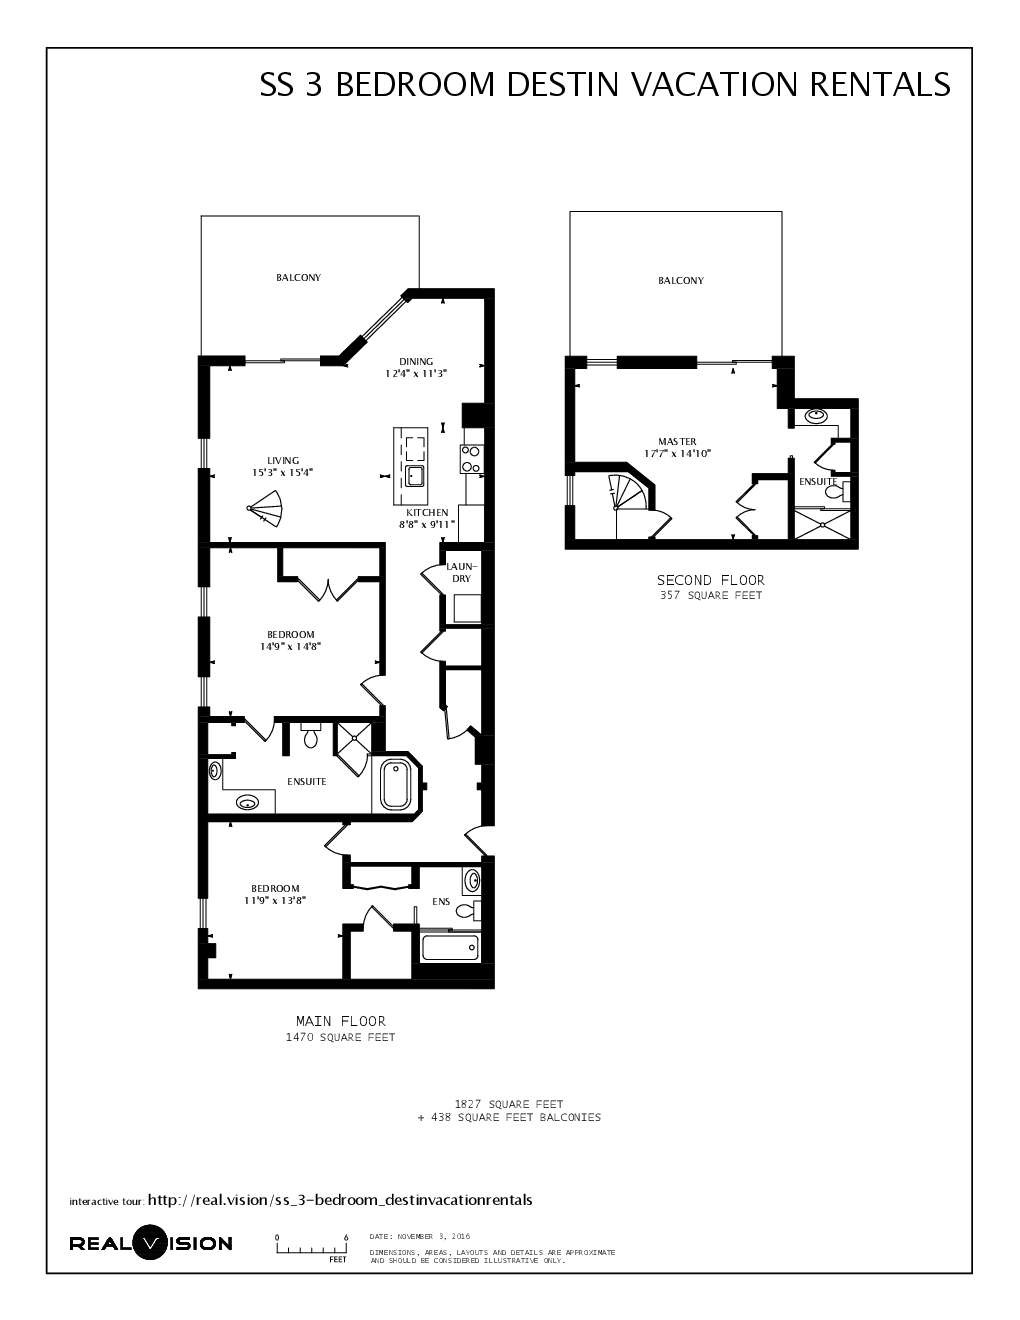 sunset suites 3 bedroom emerald grande destin vacation rentals 3 bedroom 3 bathroom interactive tour photo gallery floor plan